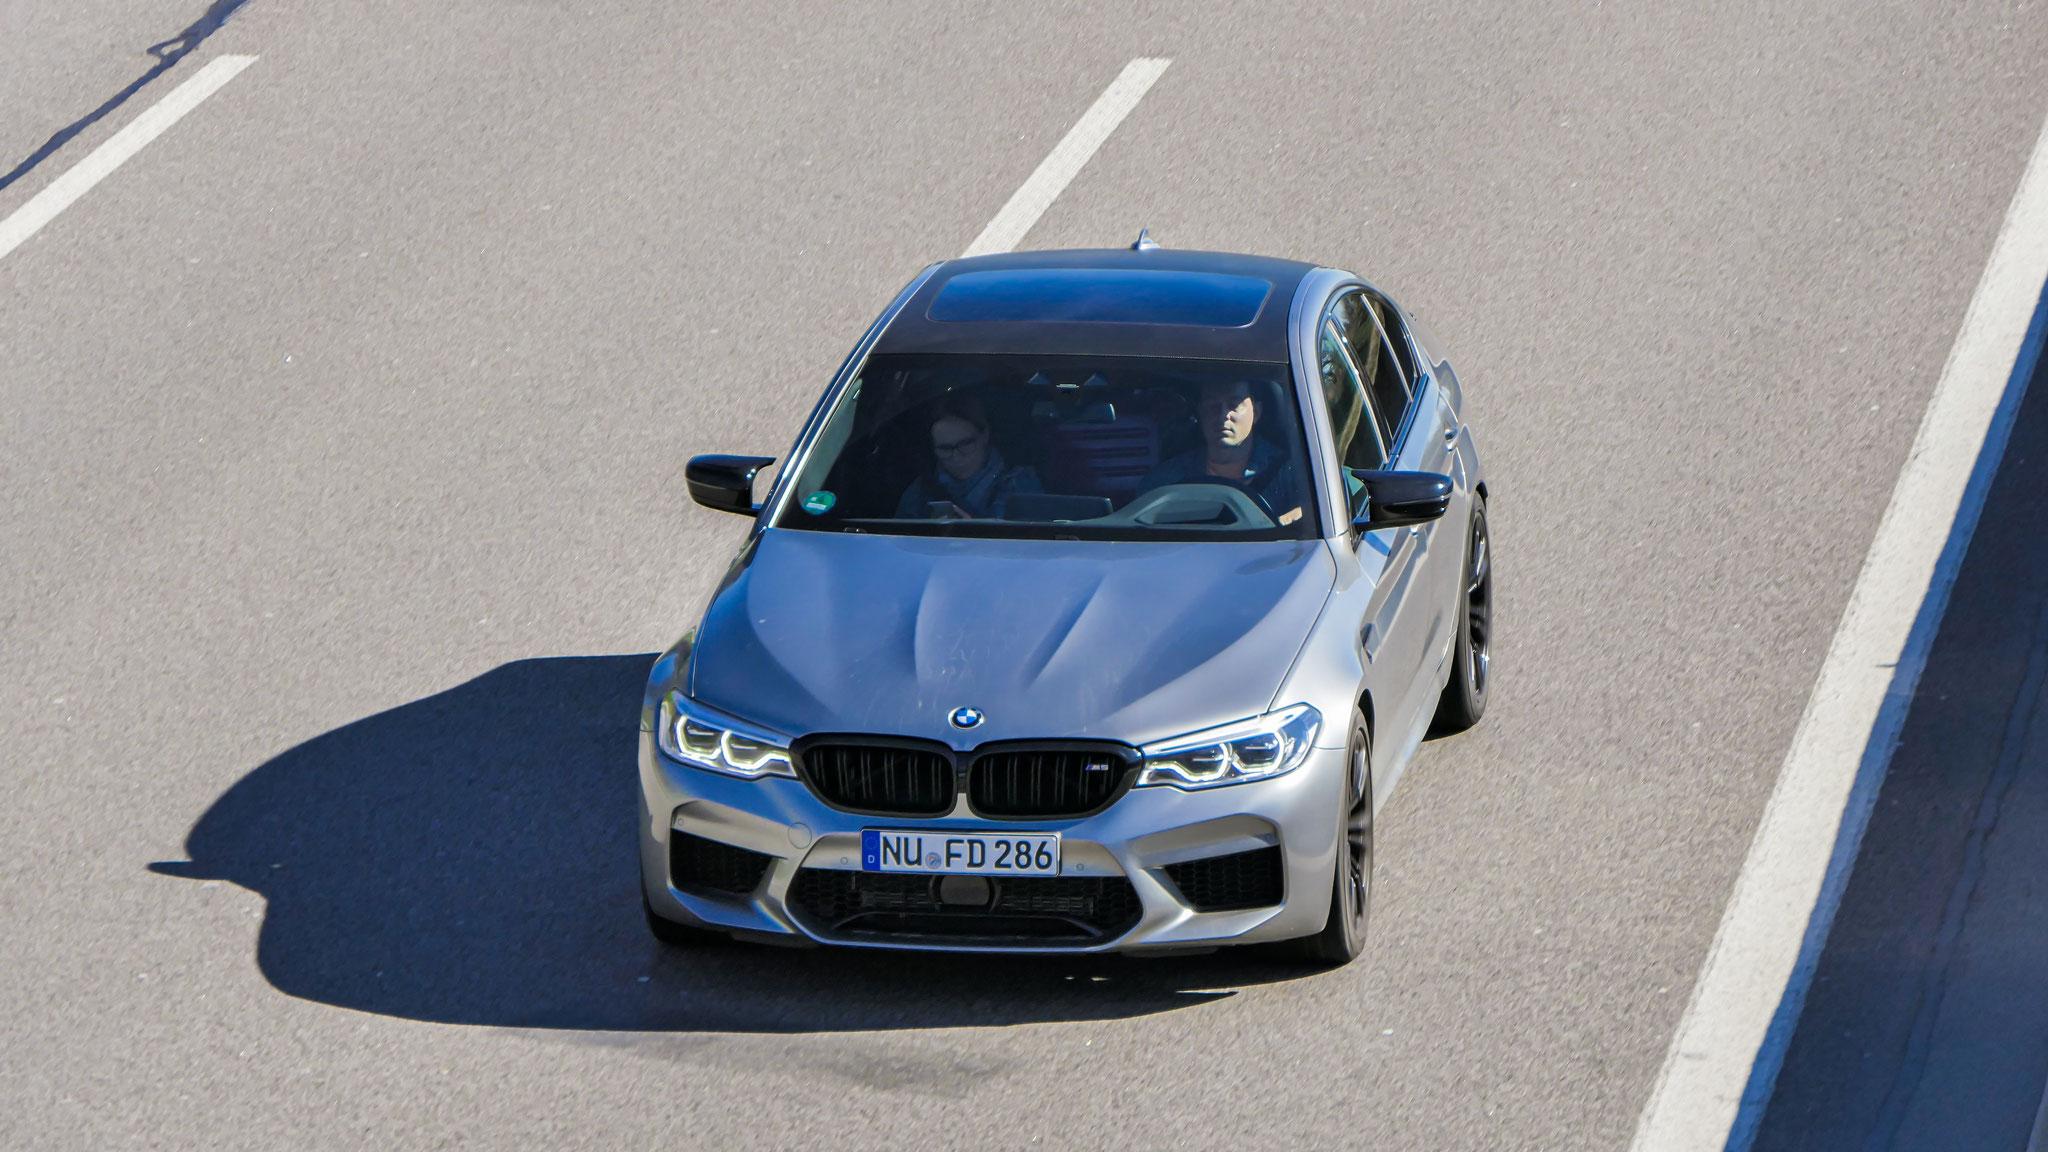 BMW M5 - NU-FD-256